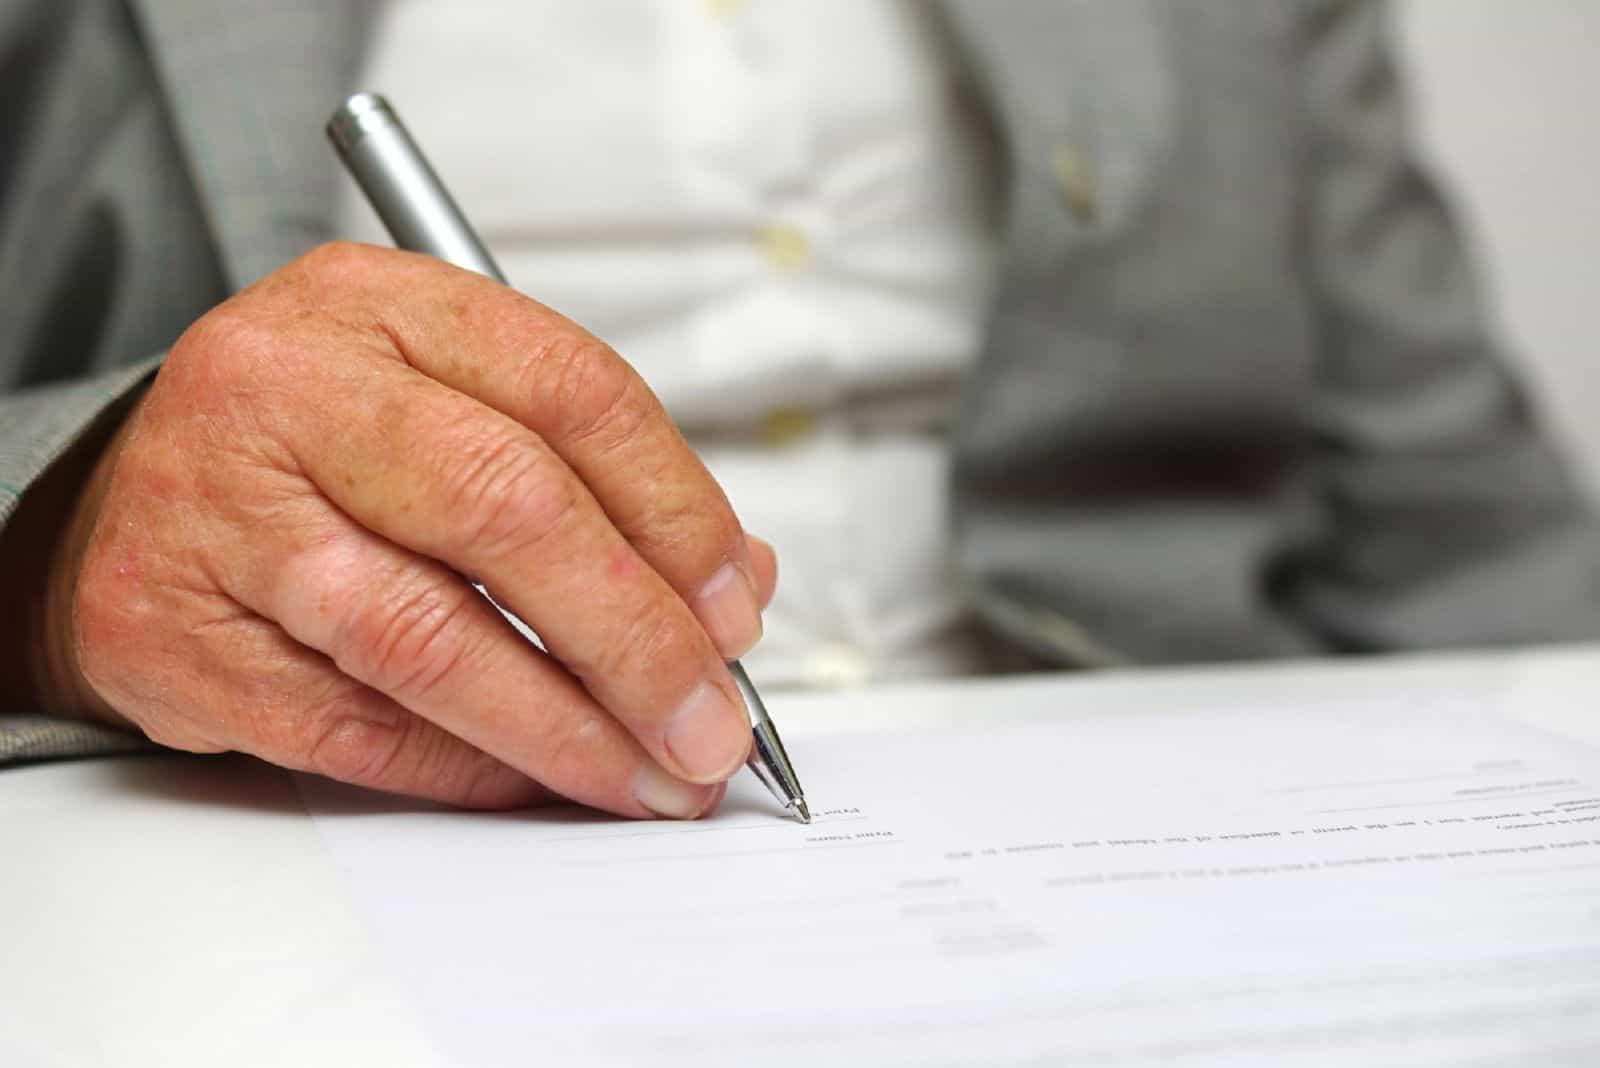 Досудебное обжалование — Государственная регистрация права пожизненного наследуемого владения земельным участком